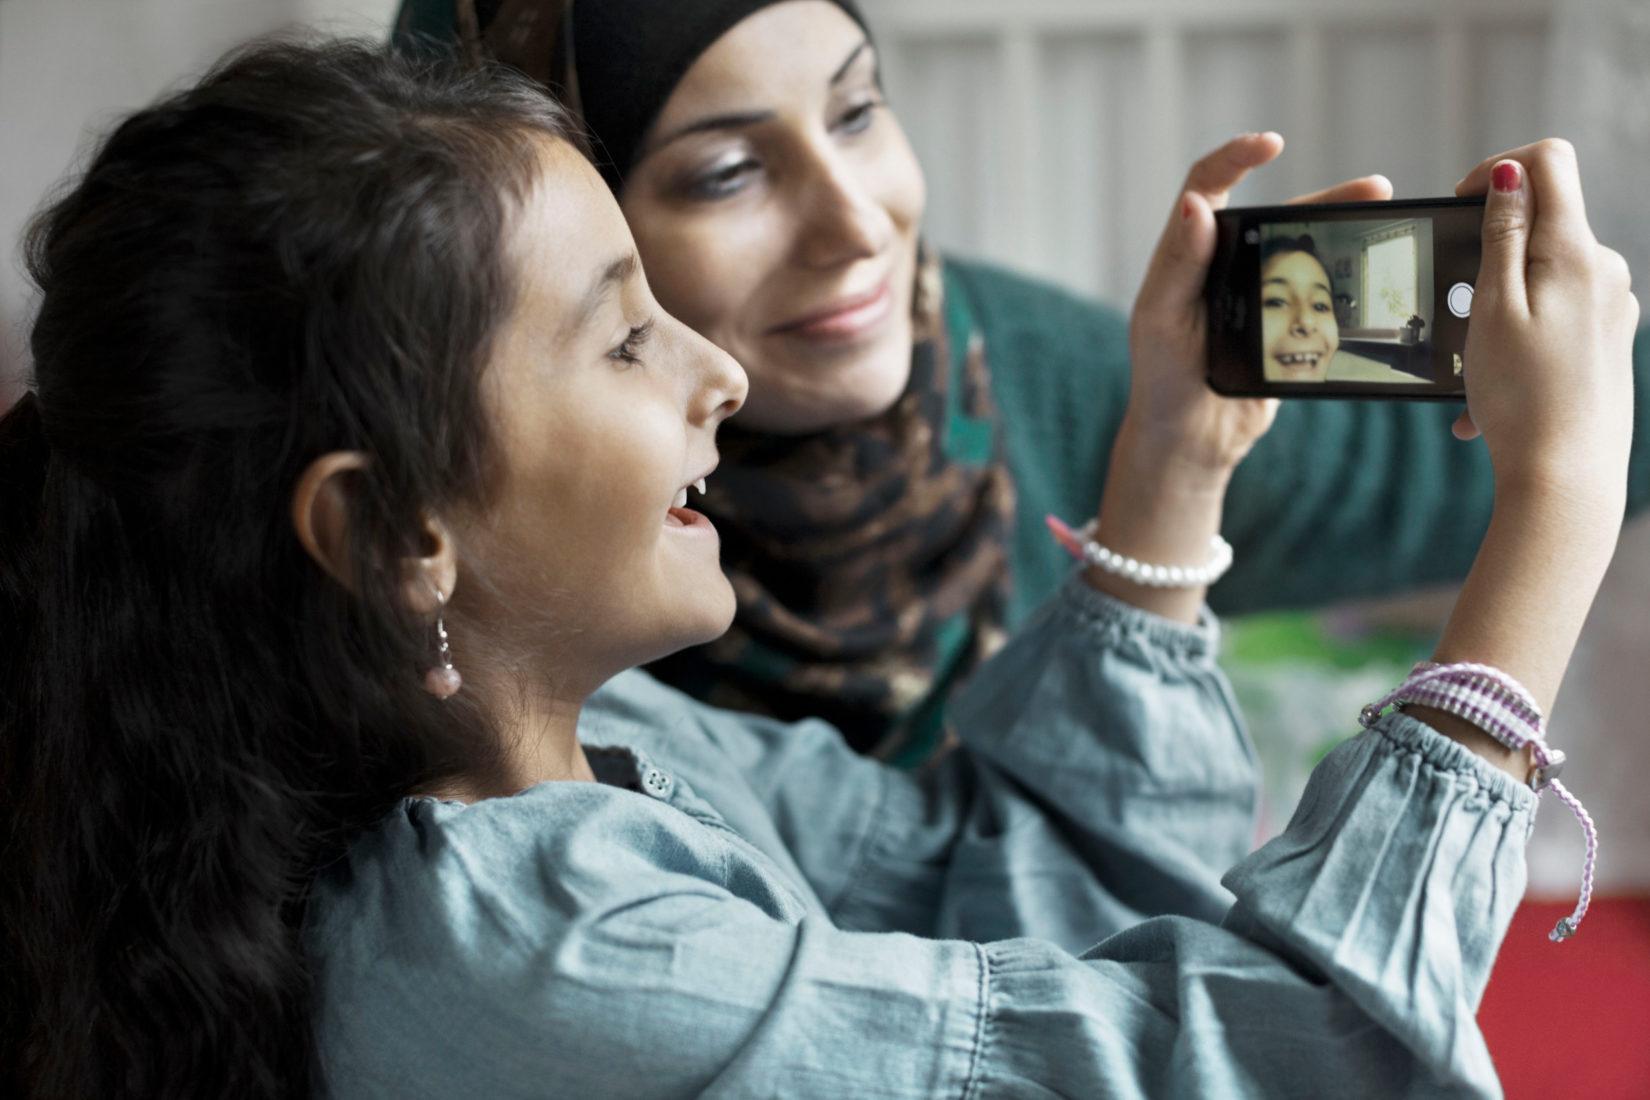 Två flickor tittar på en mobil